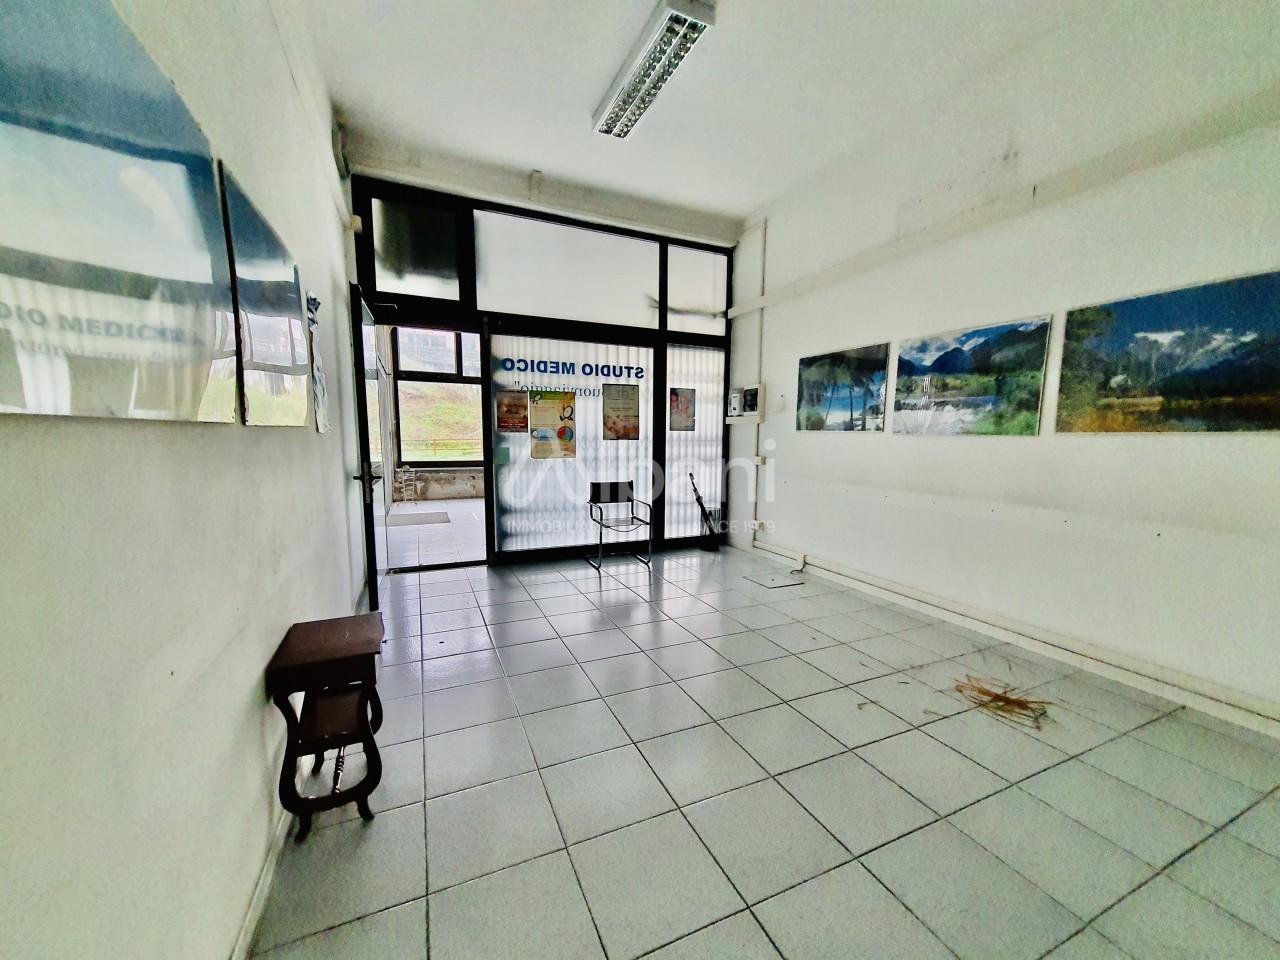 Capannone in vendita a Vezzano Ligure, 3 locali, prezzo € 60.000 | PortaleAgenzieImmobiliari.it